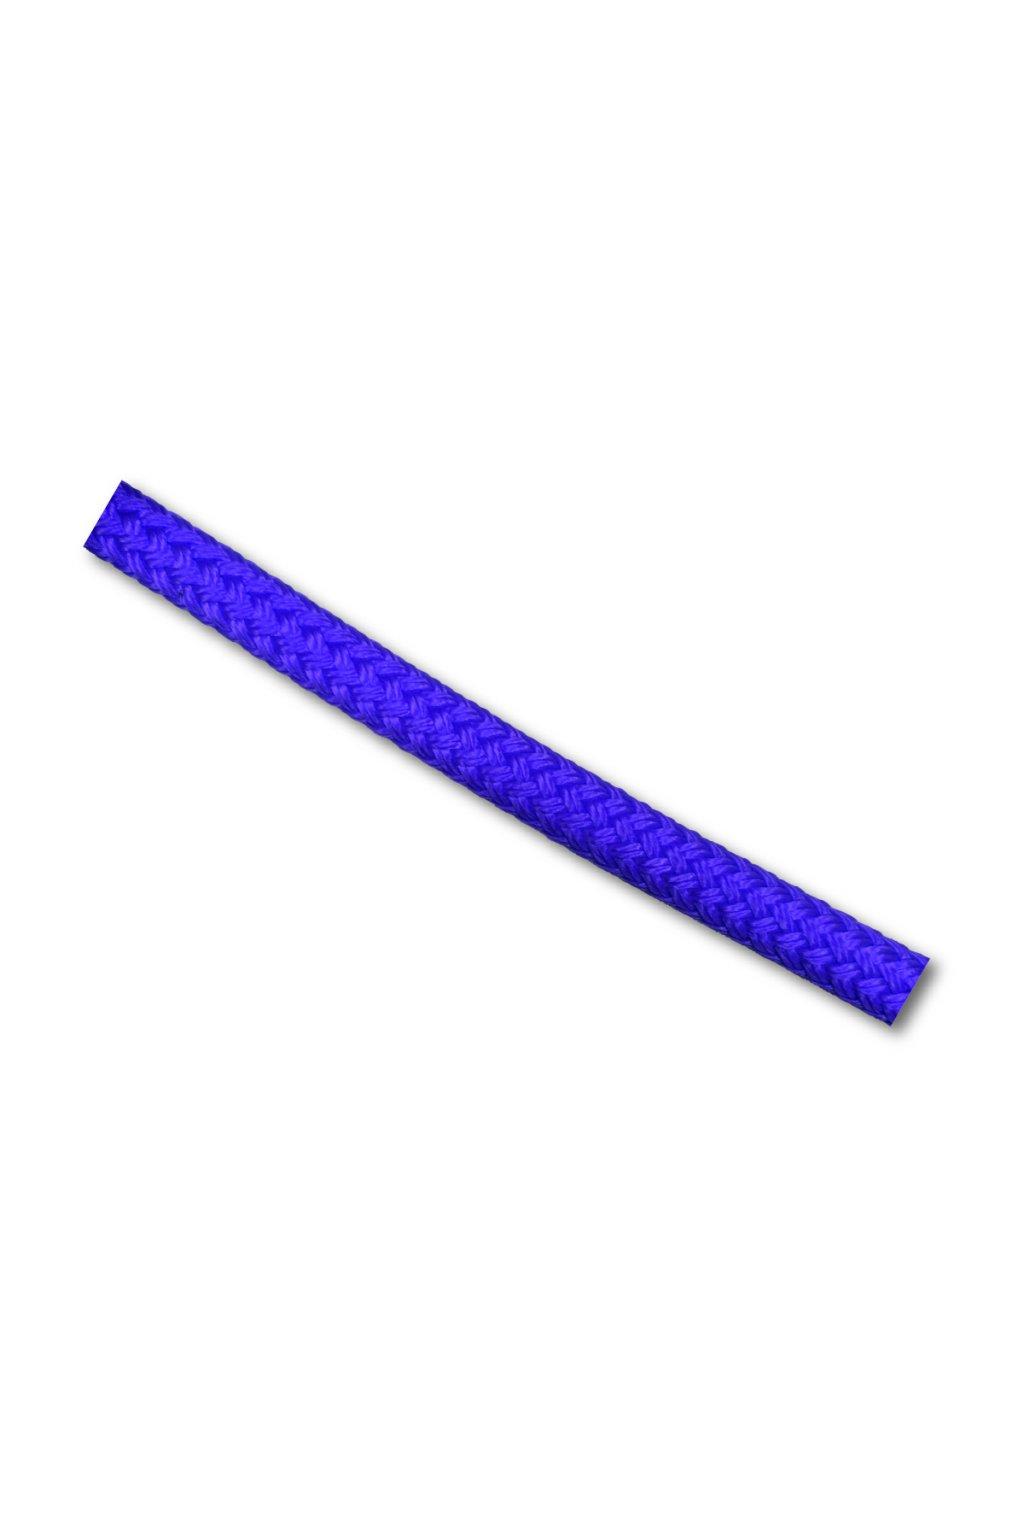 Treehog - THLR112 spouštěcí  lano - fialové - Dostupné délky: 50, 100 nebo 200 metrů